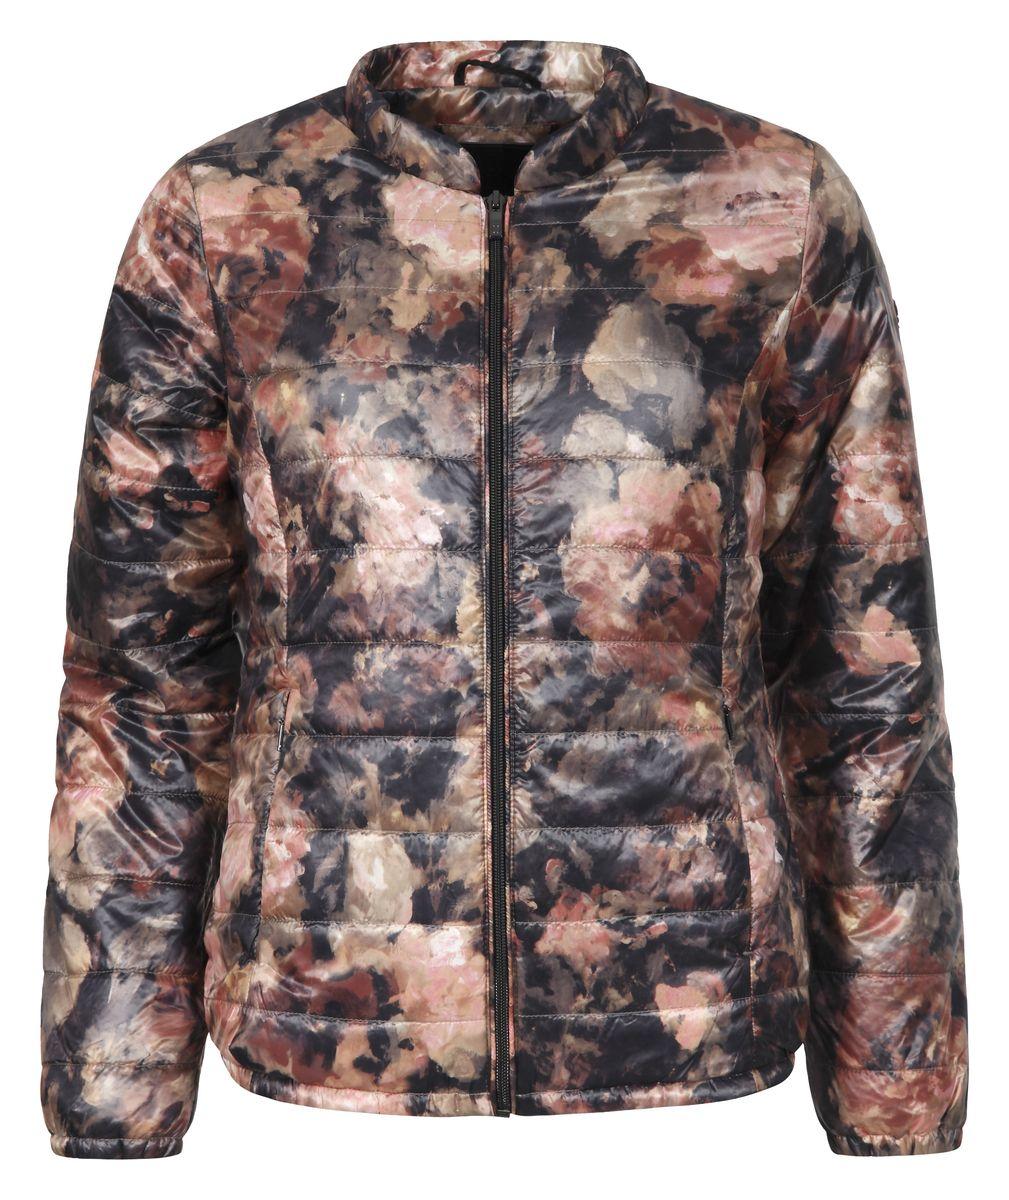 Куртка женская Luhta Isla, цвет: оранжевый, черный. 636479364LV. Размер 36 (42)636479364LVЖенская куртка Luhta Piiku с длинными рукавами и круглым вырезом горловины выполнена из полиамида. Наполнитель - синтепон. Куртка застегивается на застежку-молнию спереди. Изделие оснащено двумя втачными карманами на молниях спереди и внутренним втачным карманом на застежке-молнии. Куртка оформлена красочным цветочным принтом.